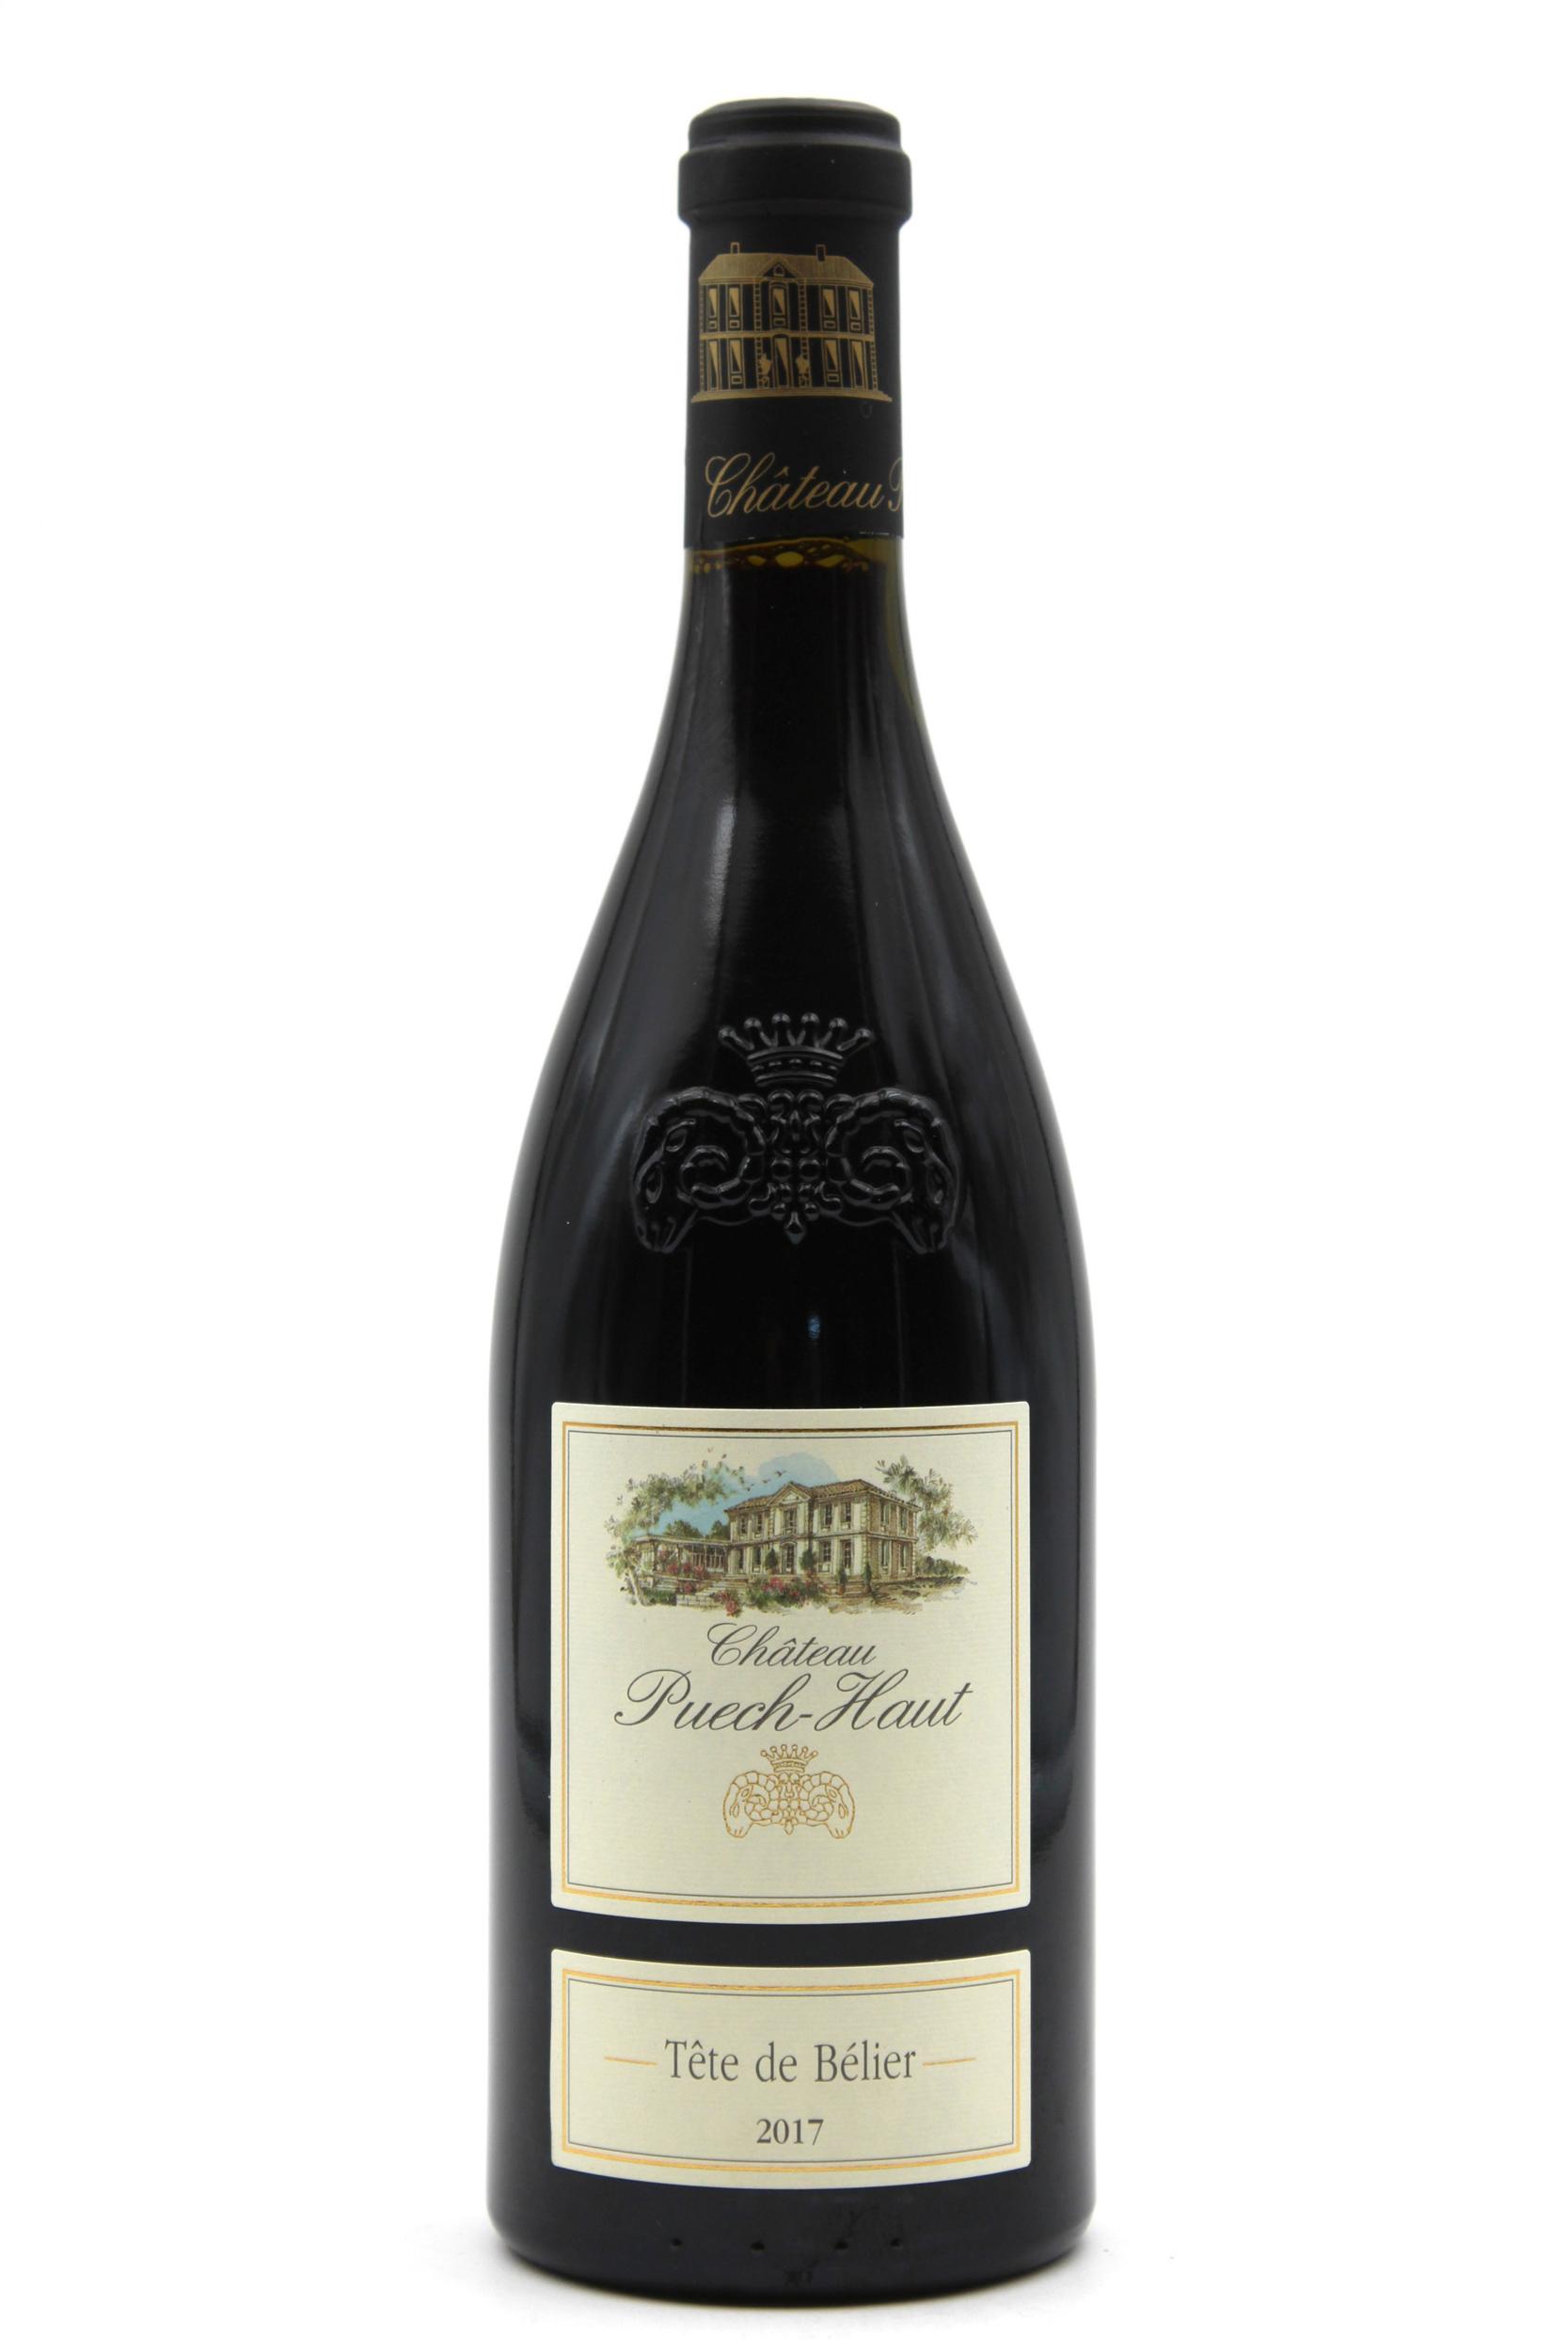 Château Puech Haut 2018 Tête de Belier - Vin Rouge - Côteaux du Languedoc